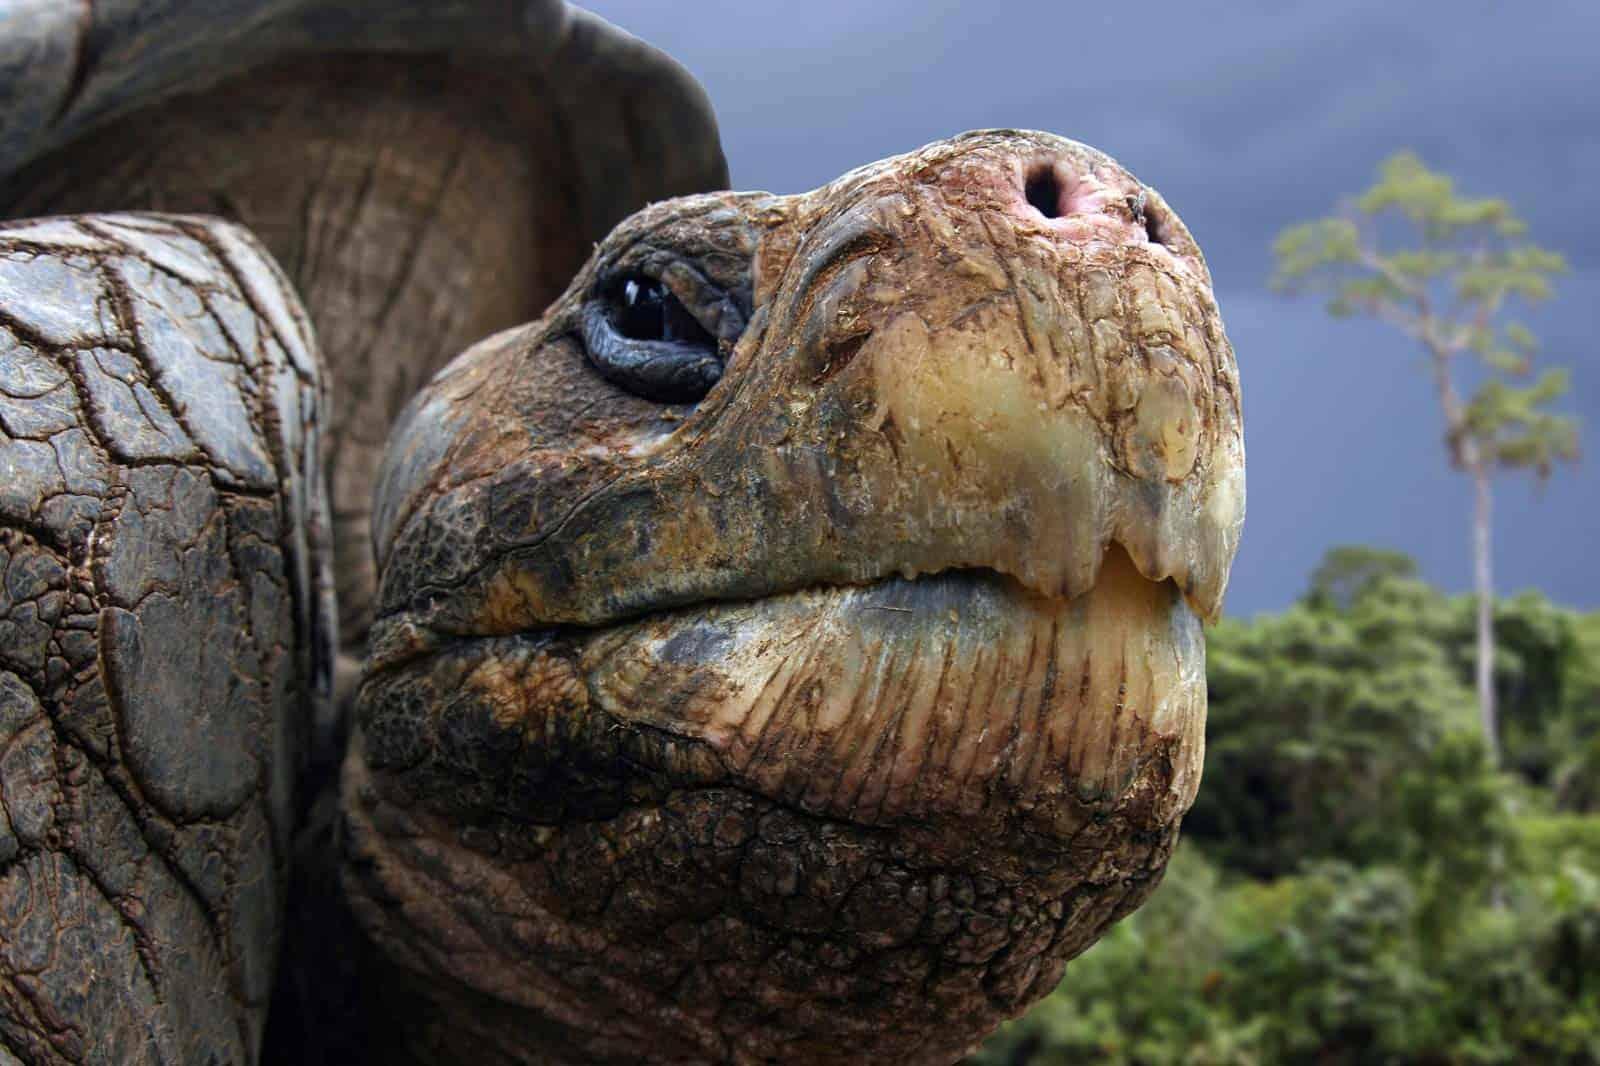 Tartaruga gigante das Galápagos